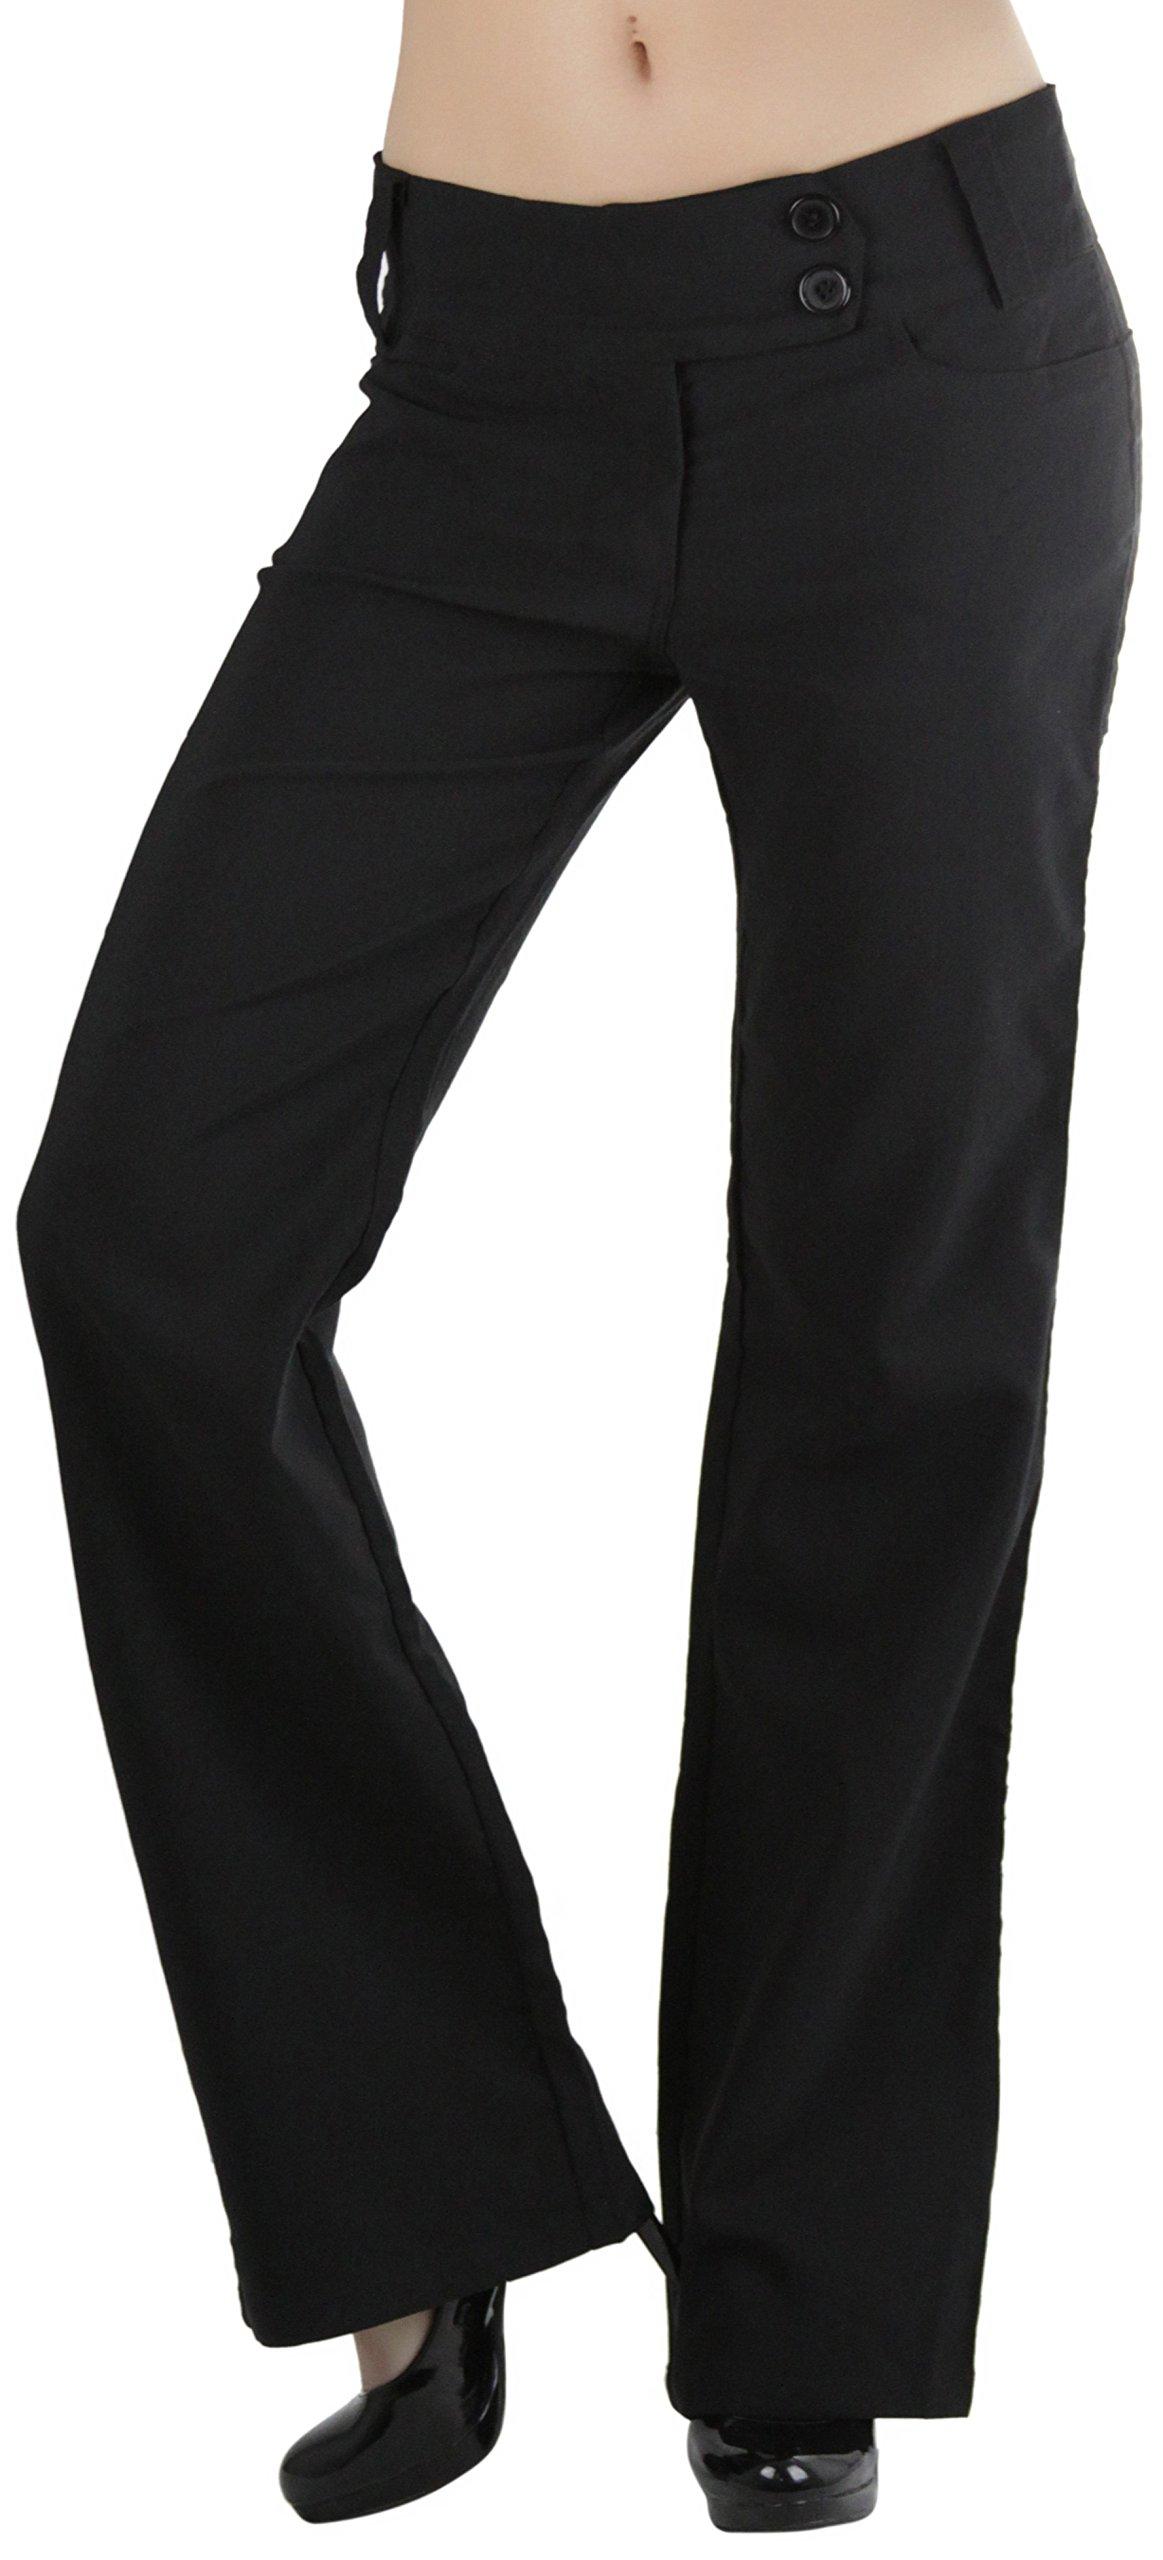 ToBeInStyle Women's High Waist Boot-Cut Dress Pants - Black - Small